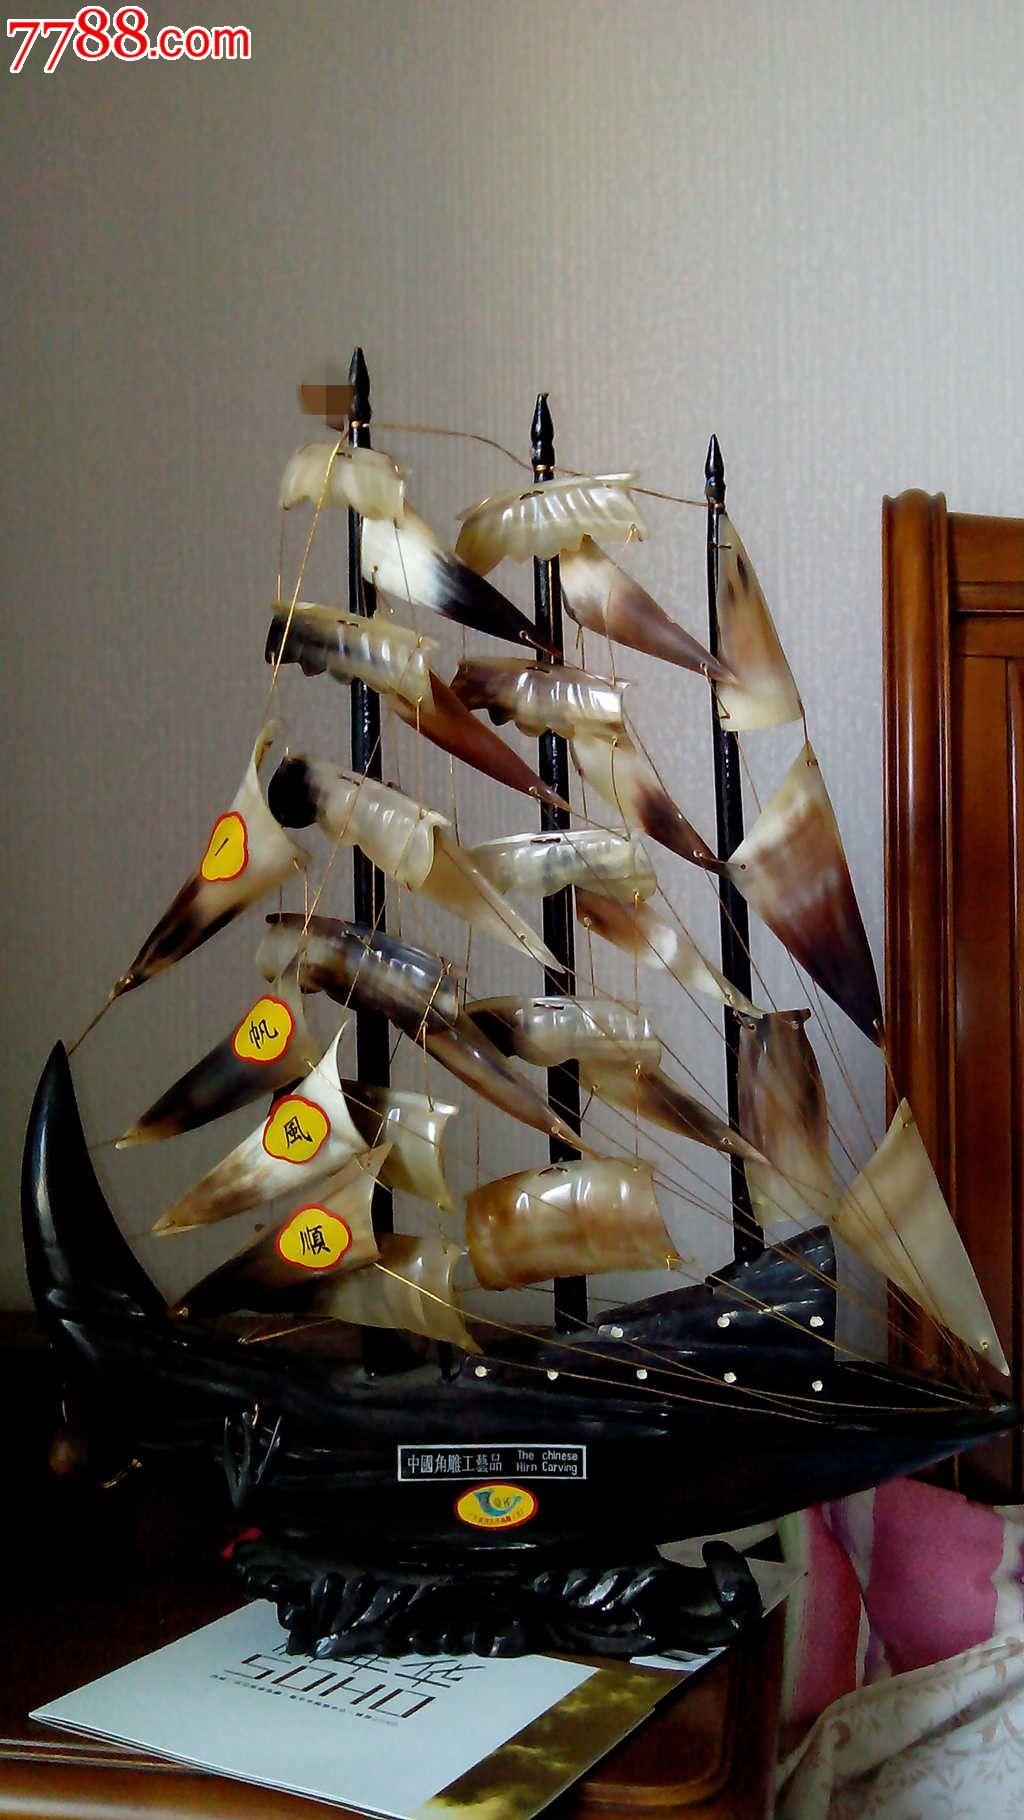 角雕老牛角雕刻帆船一帆风顺中国制造商务,居家装饰品